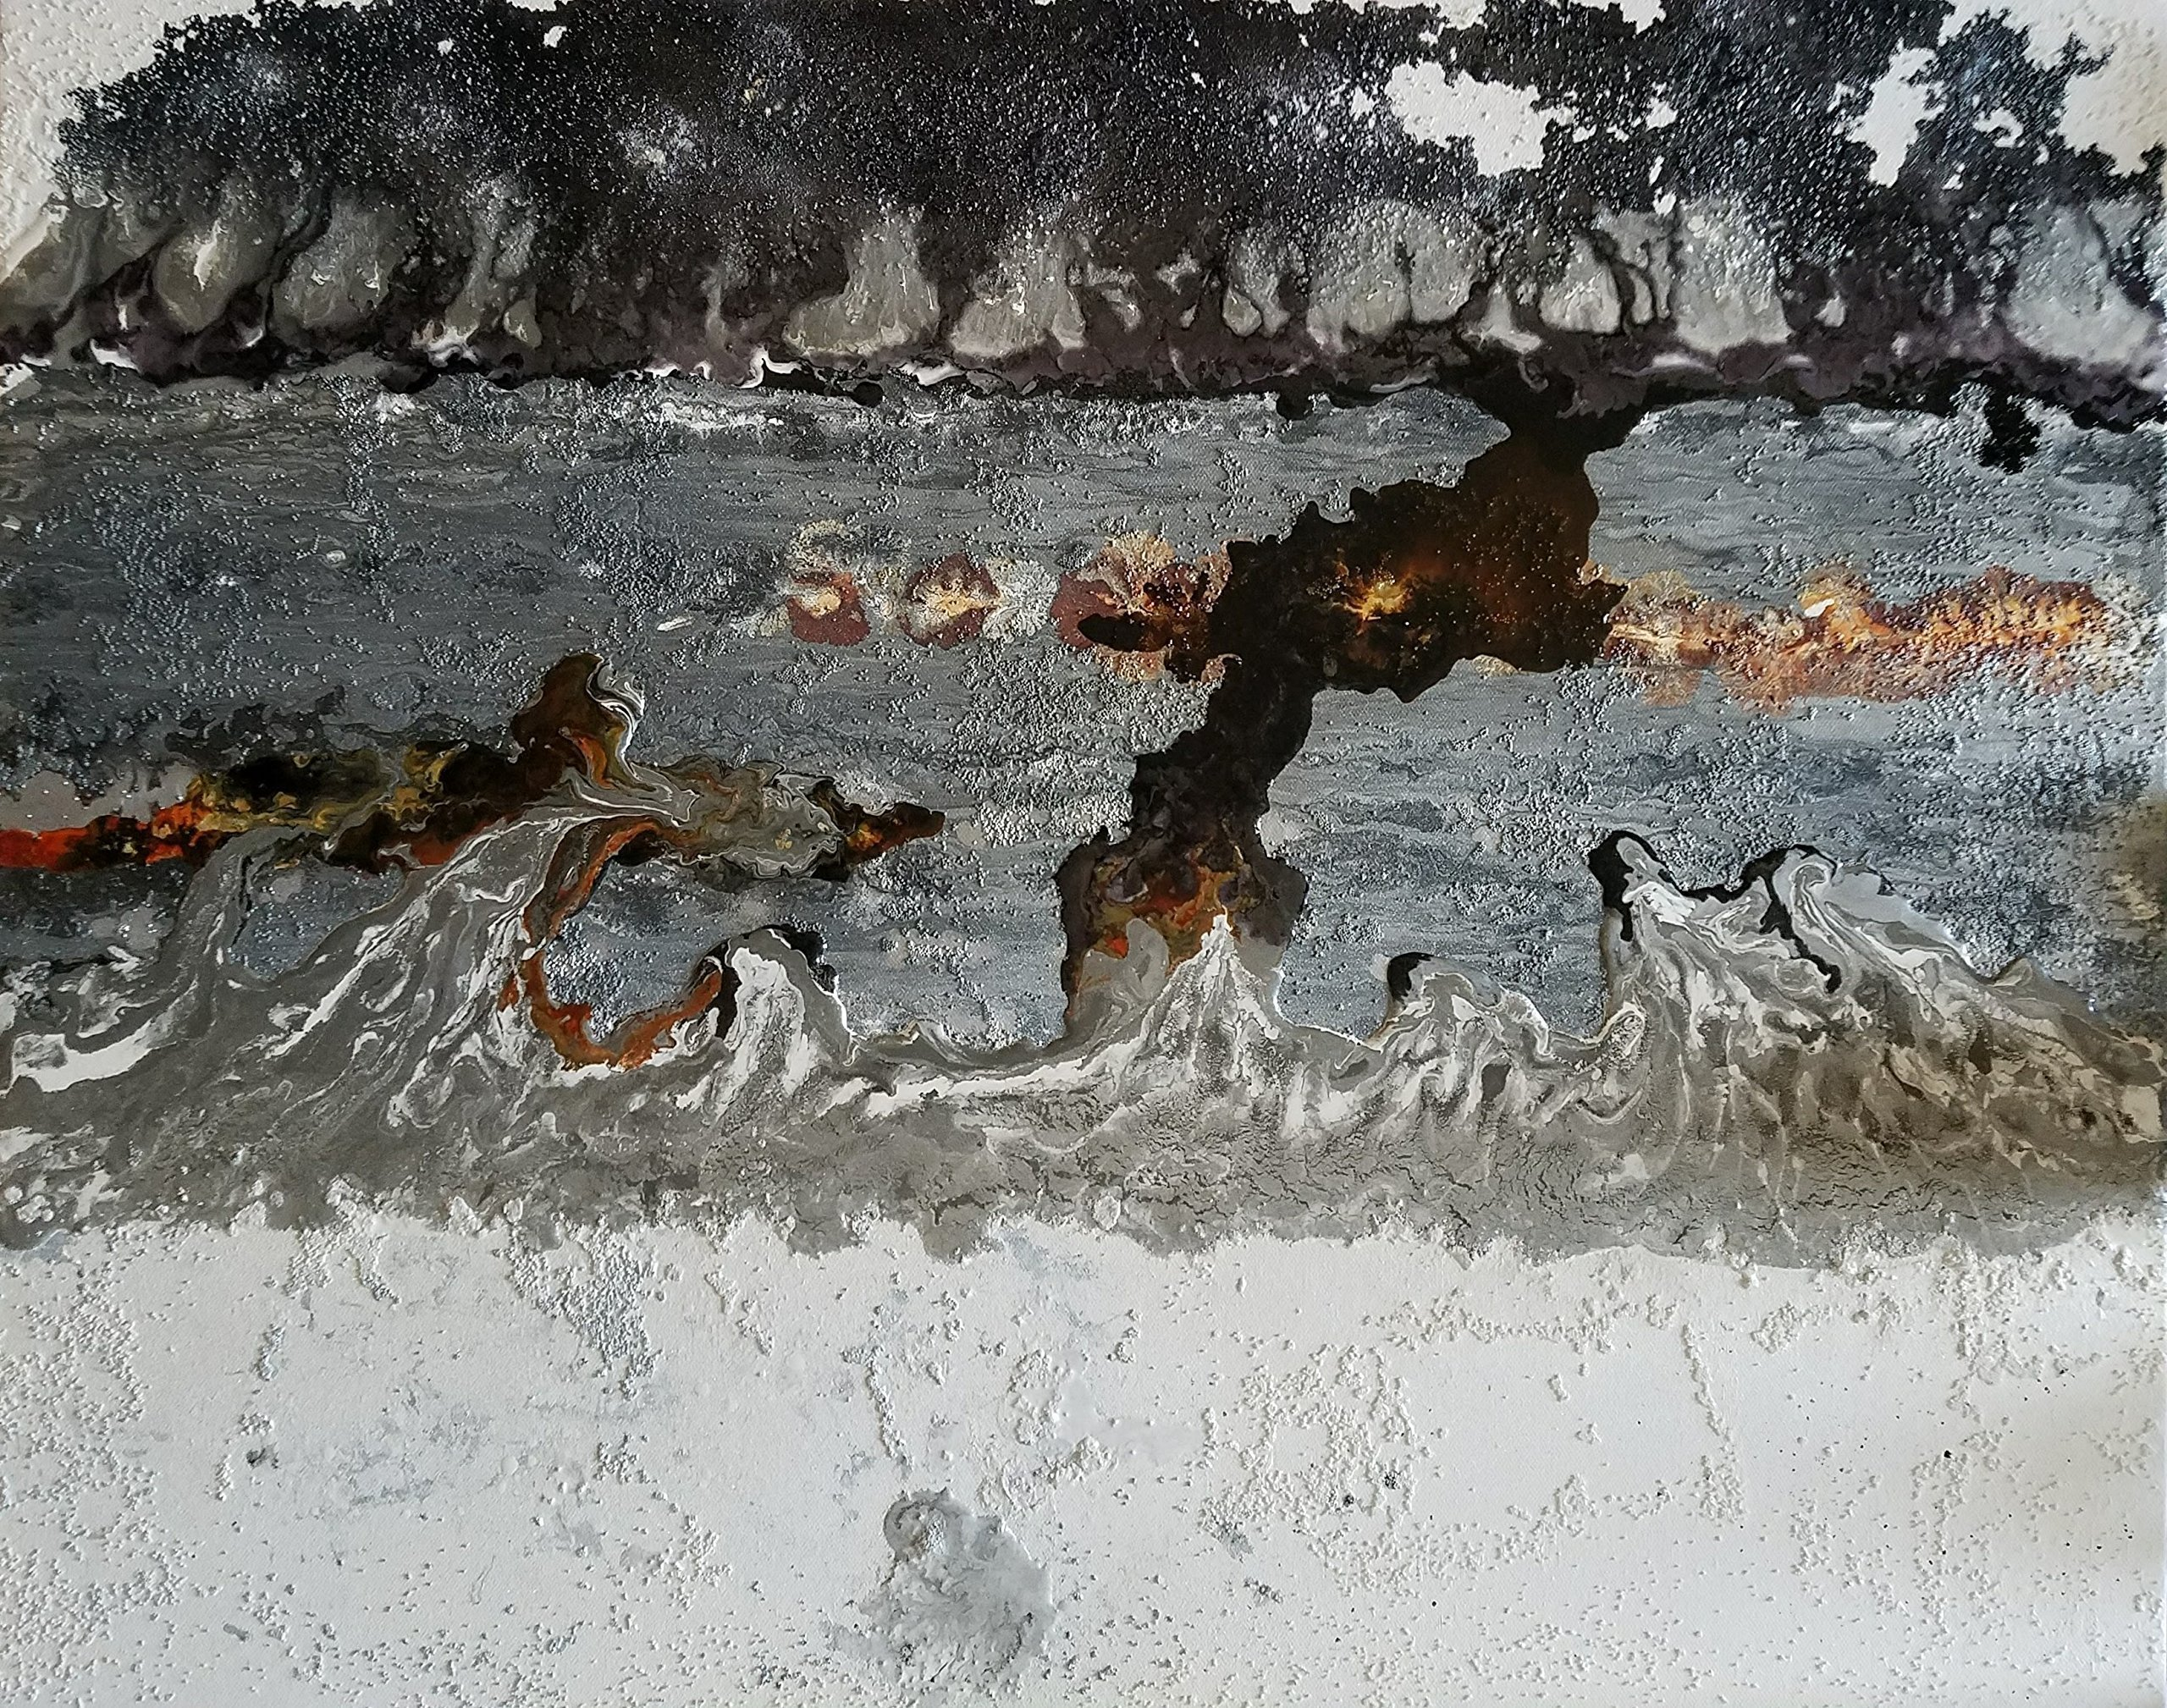 Dark River by Lienzos By Janny